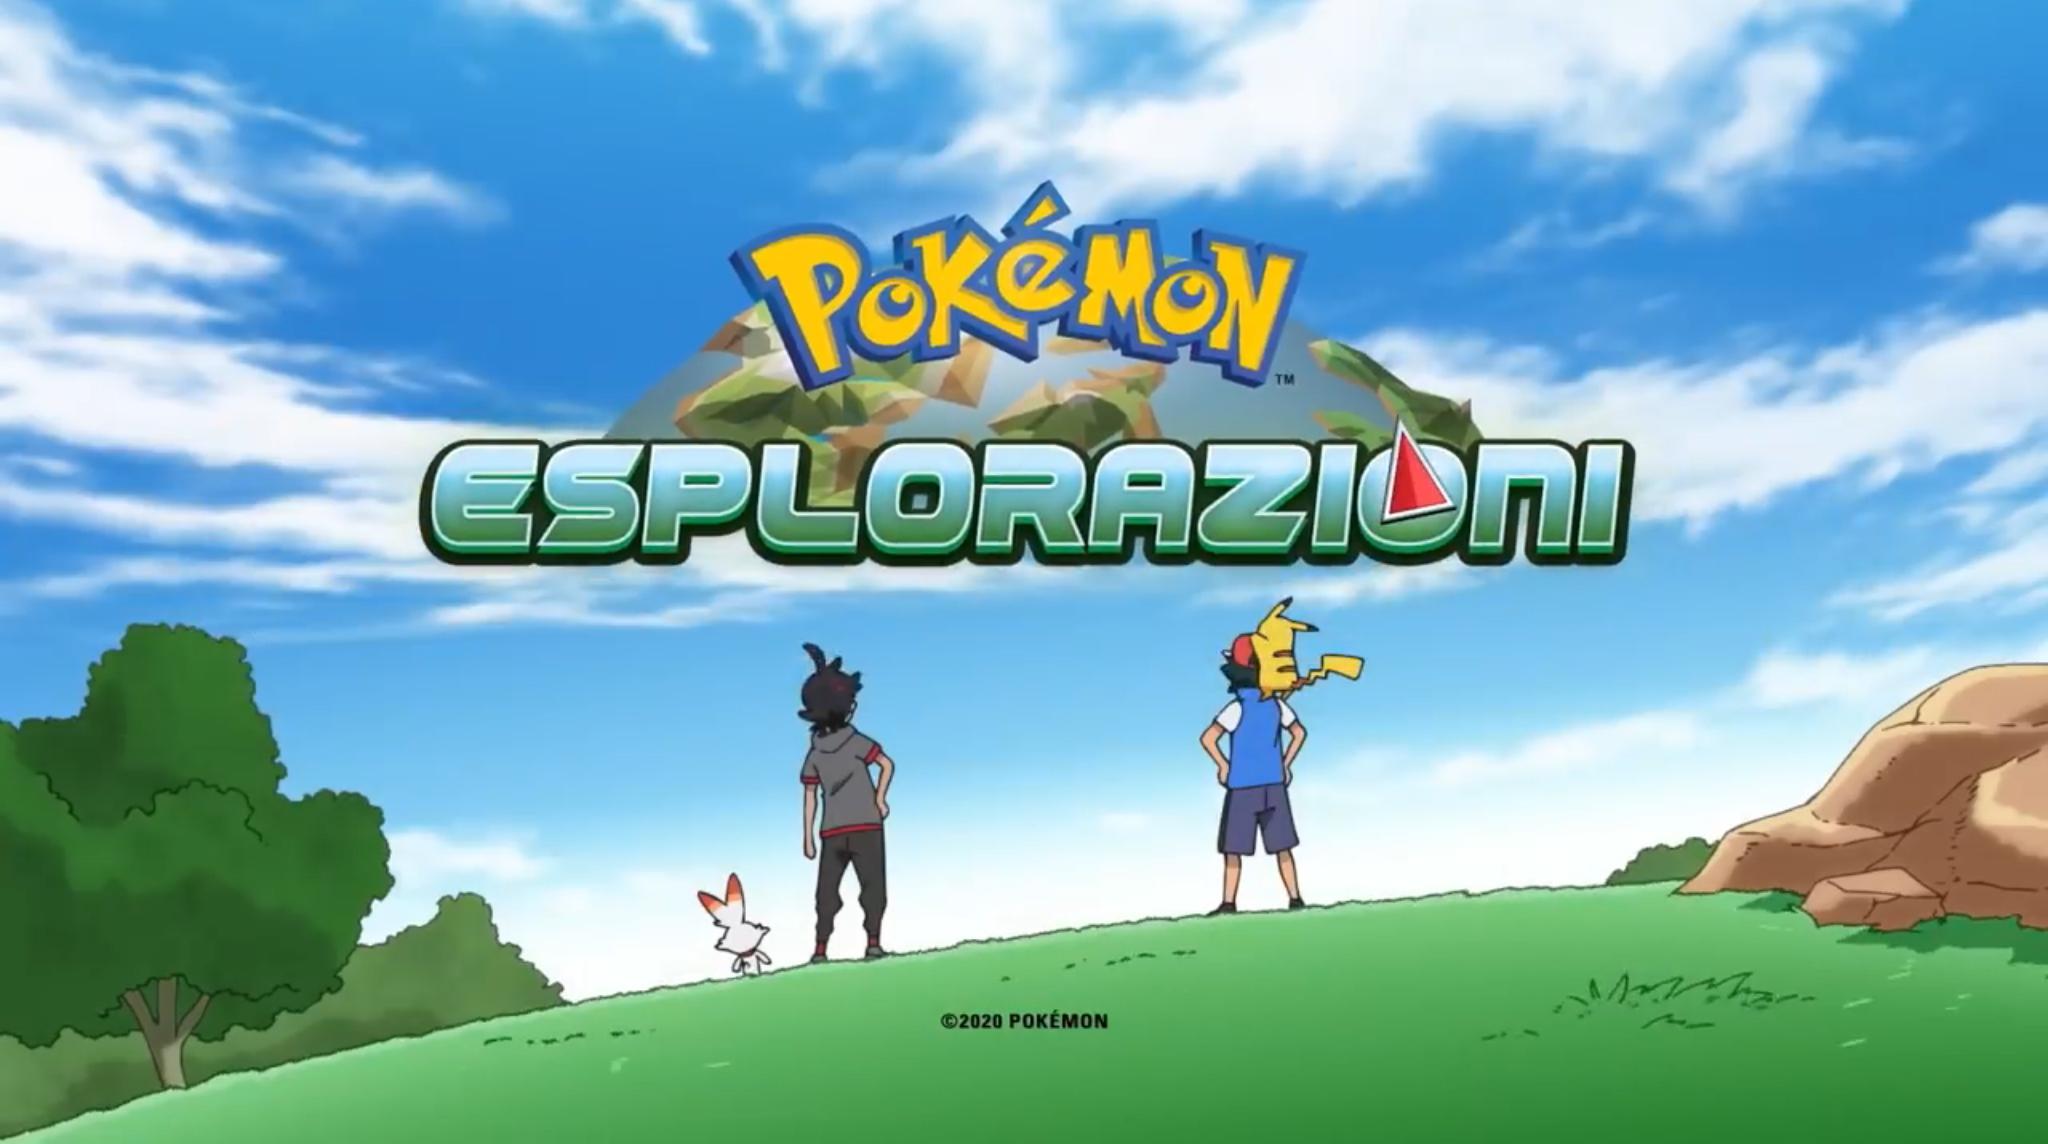 Esplorazioni Pokémon